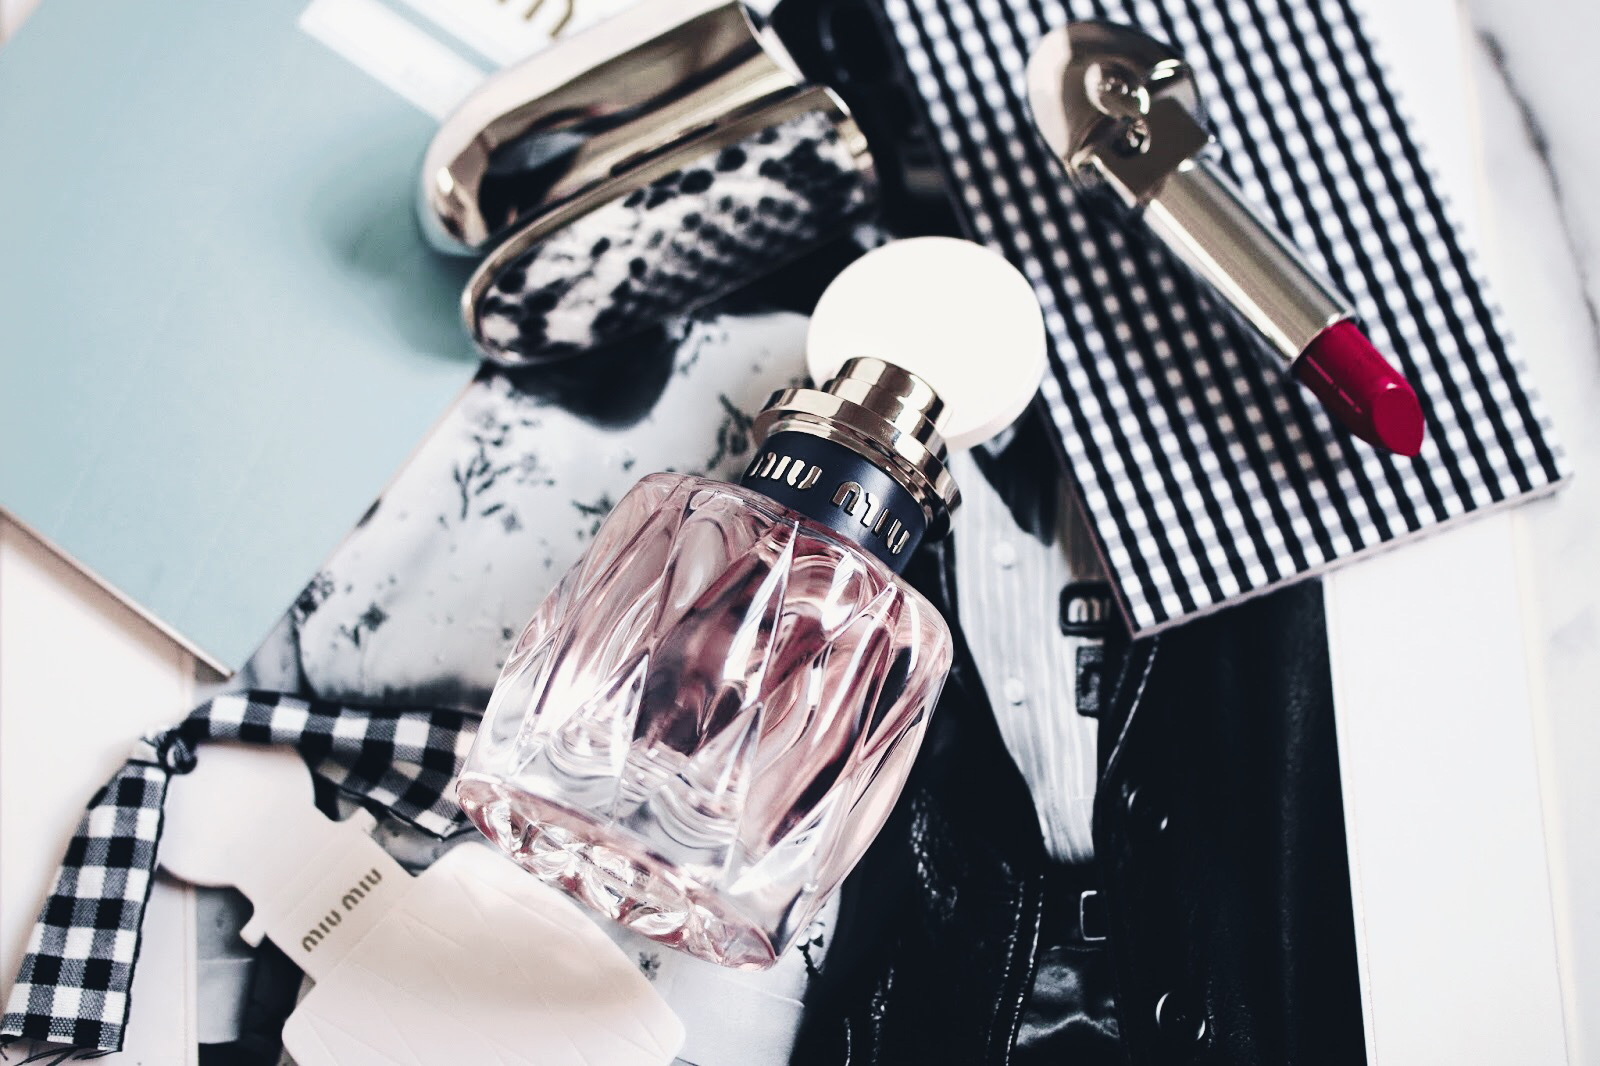 miu miu l'eau rosée parfum avis test critique